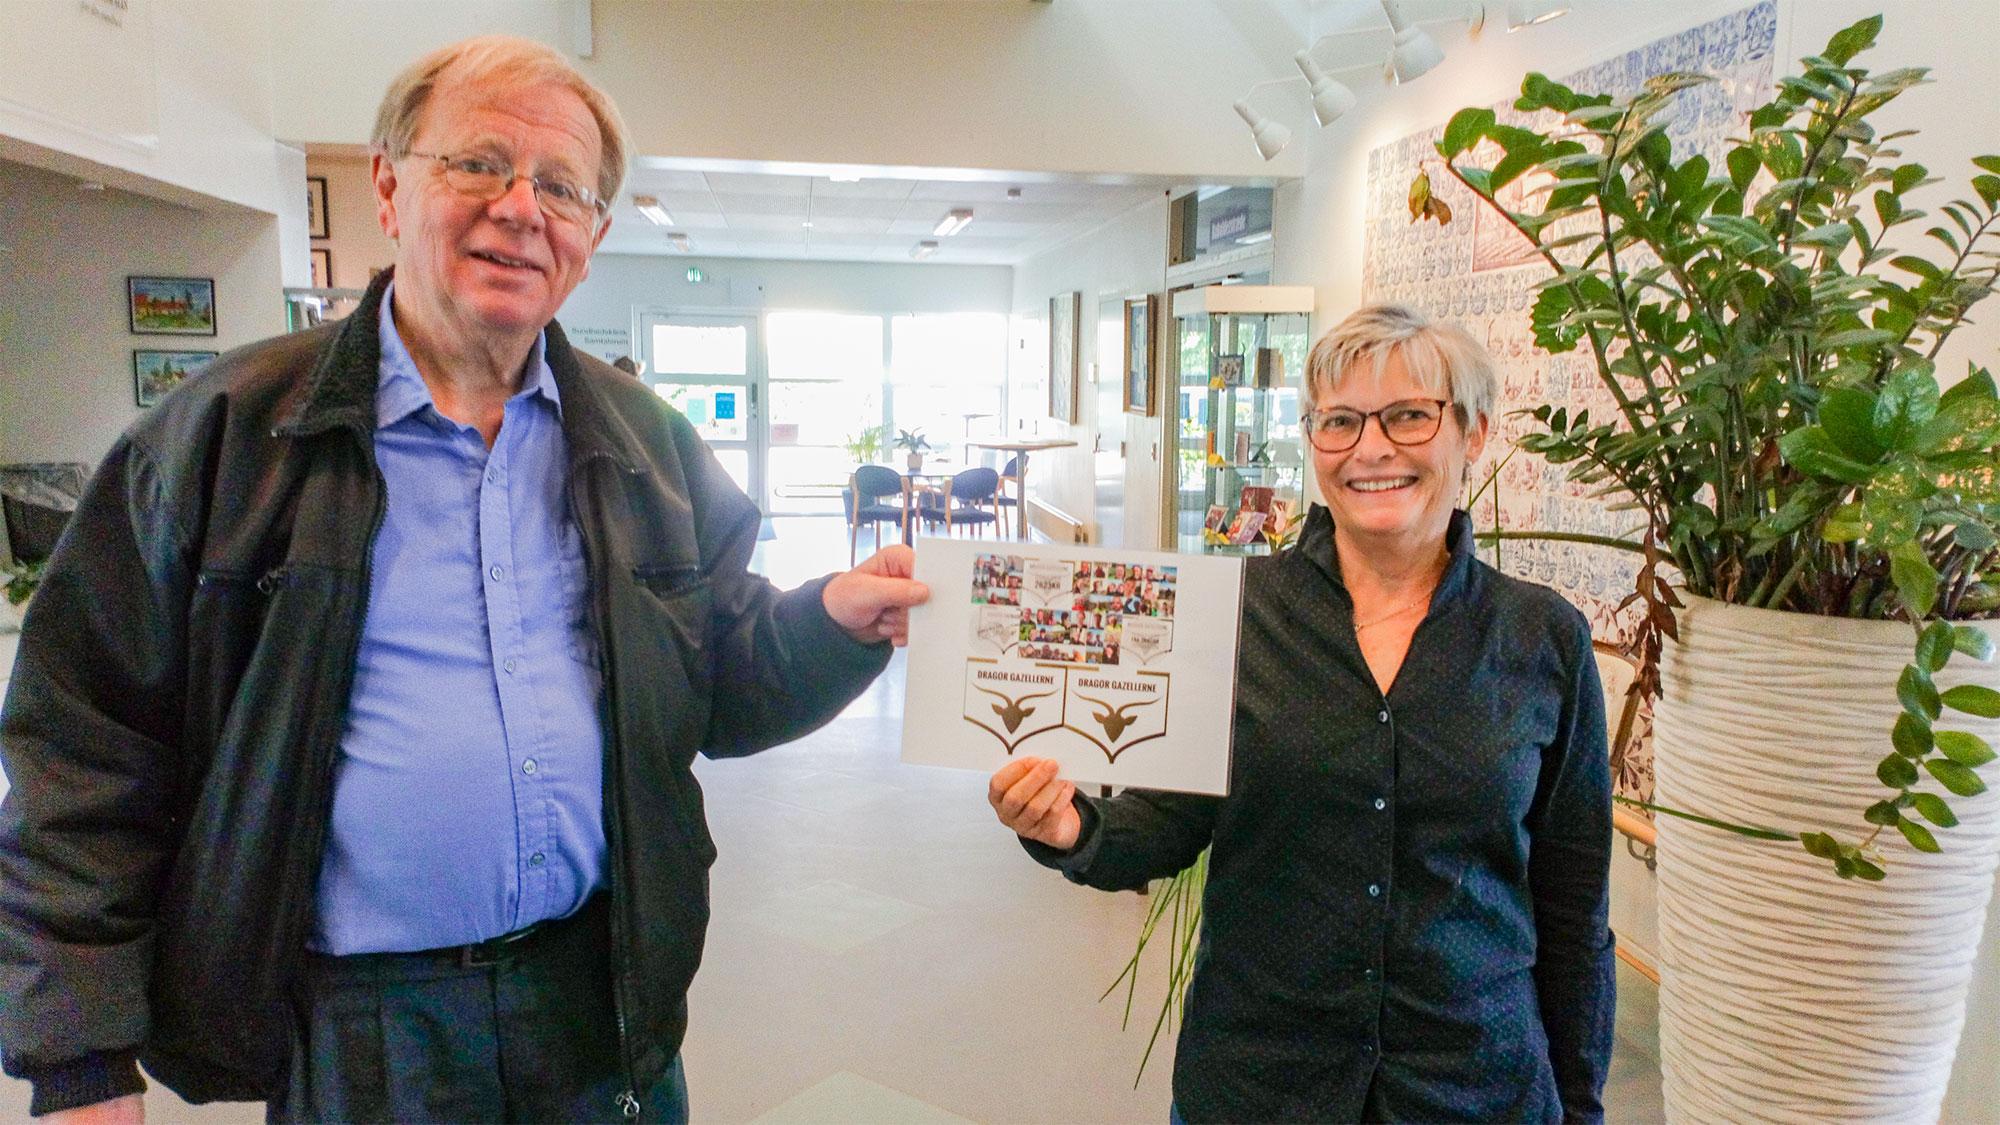 Jørgen Frederiksen og Hanne Berthelsen modtager donation på vegne af Besøgstjenesten ved Dragørs Aktivitetshus.